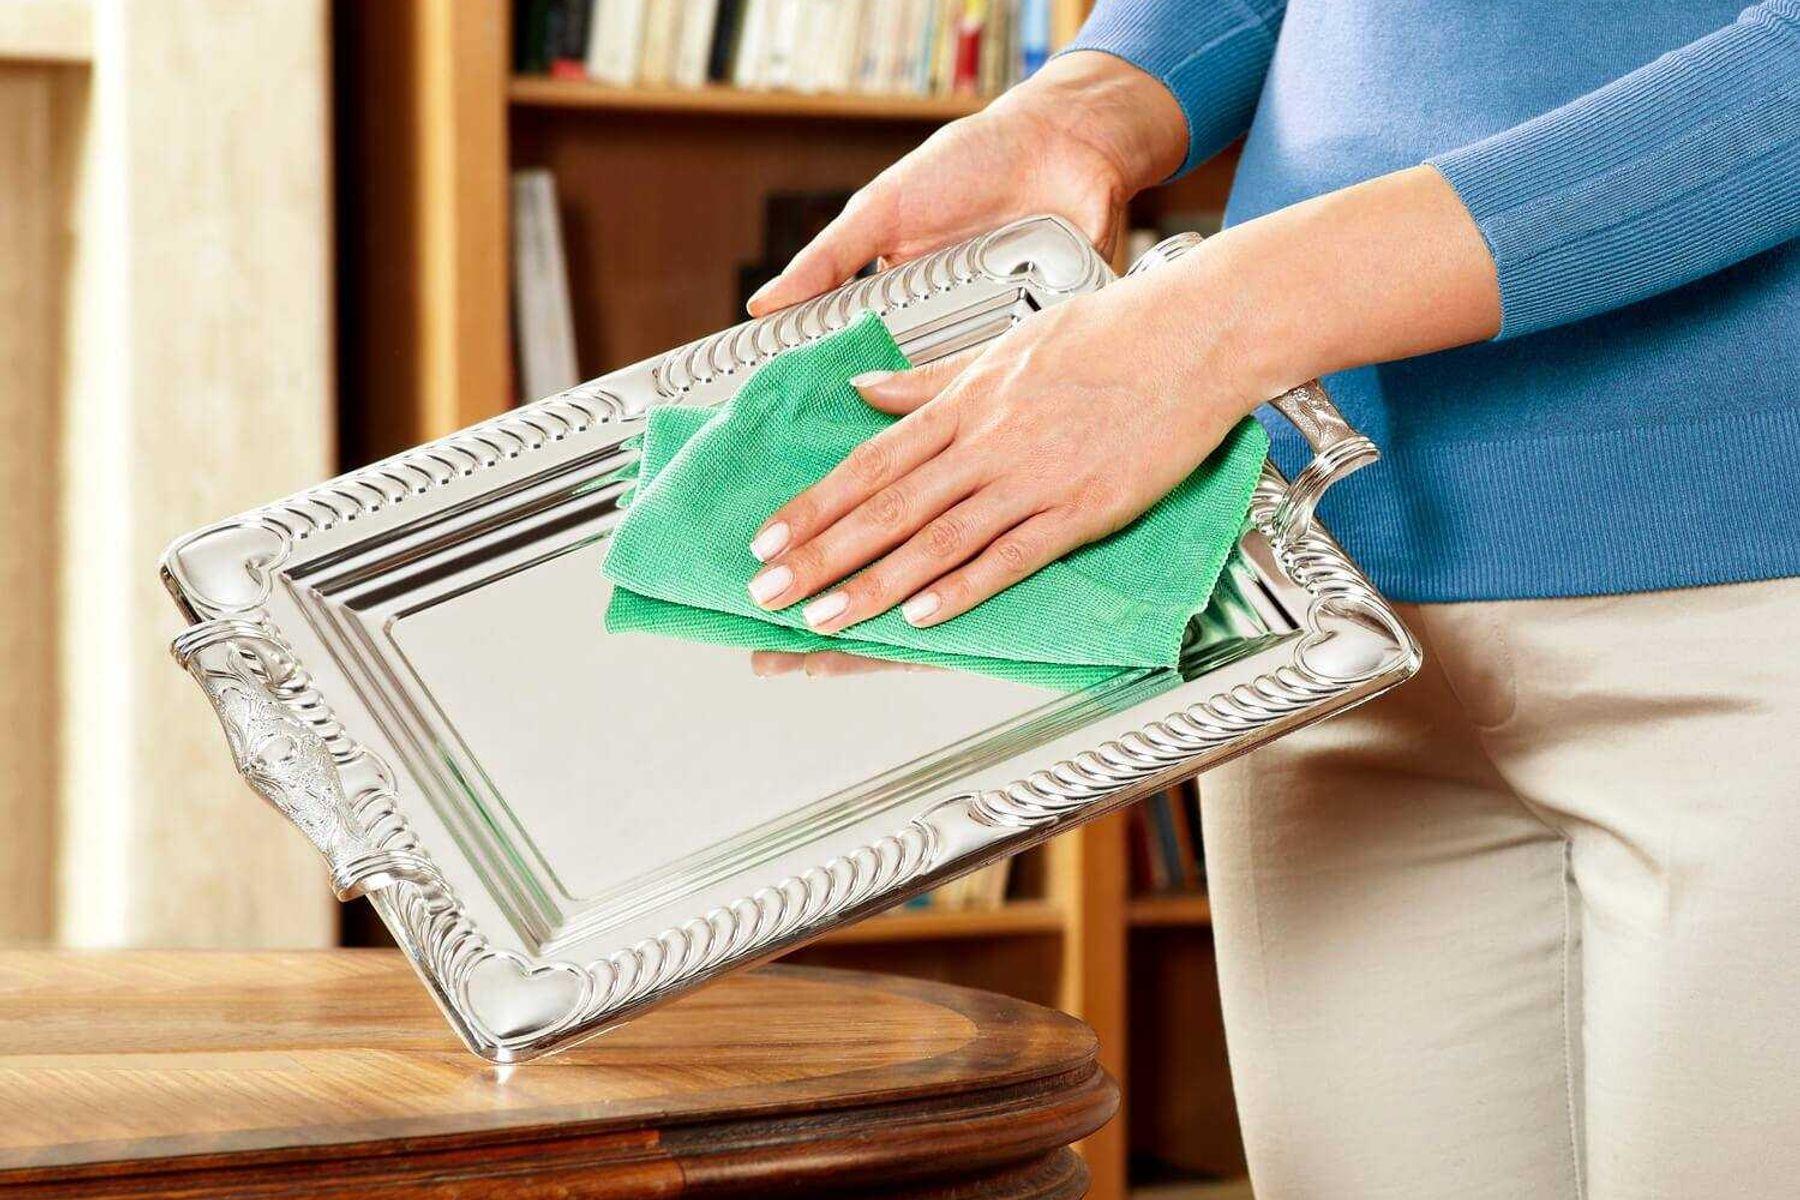 mulher-limpando-objeto-de-prata